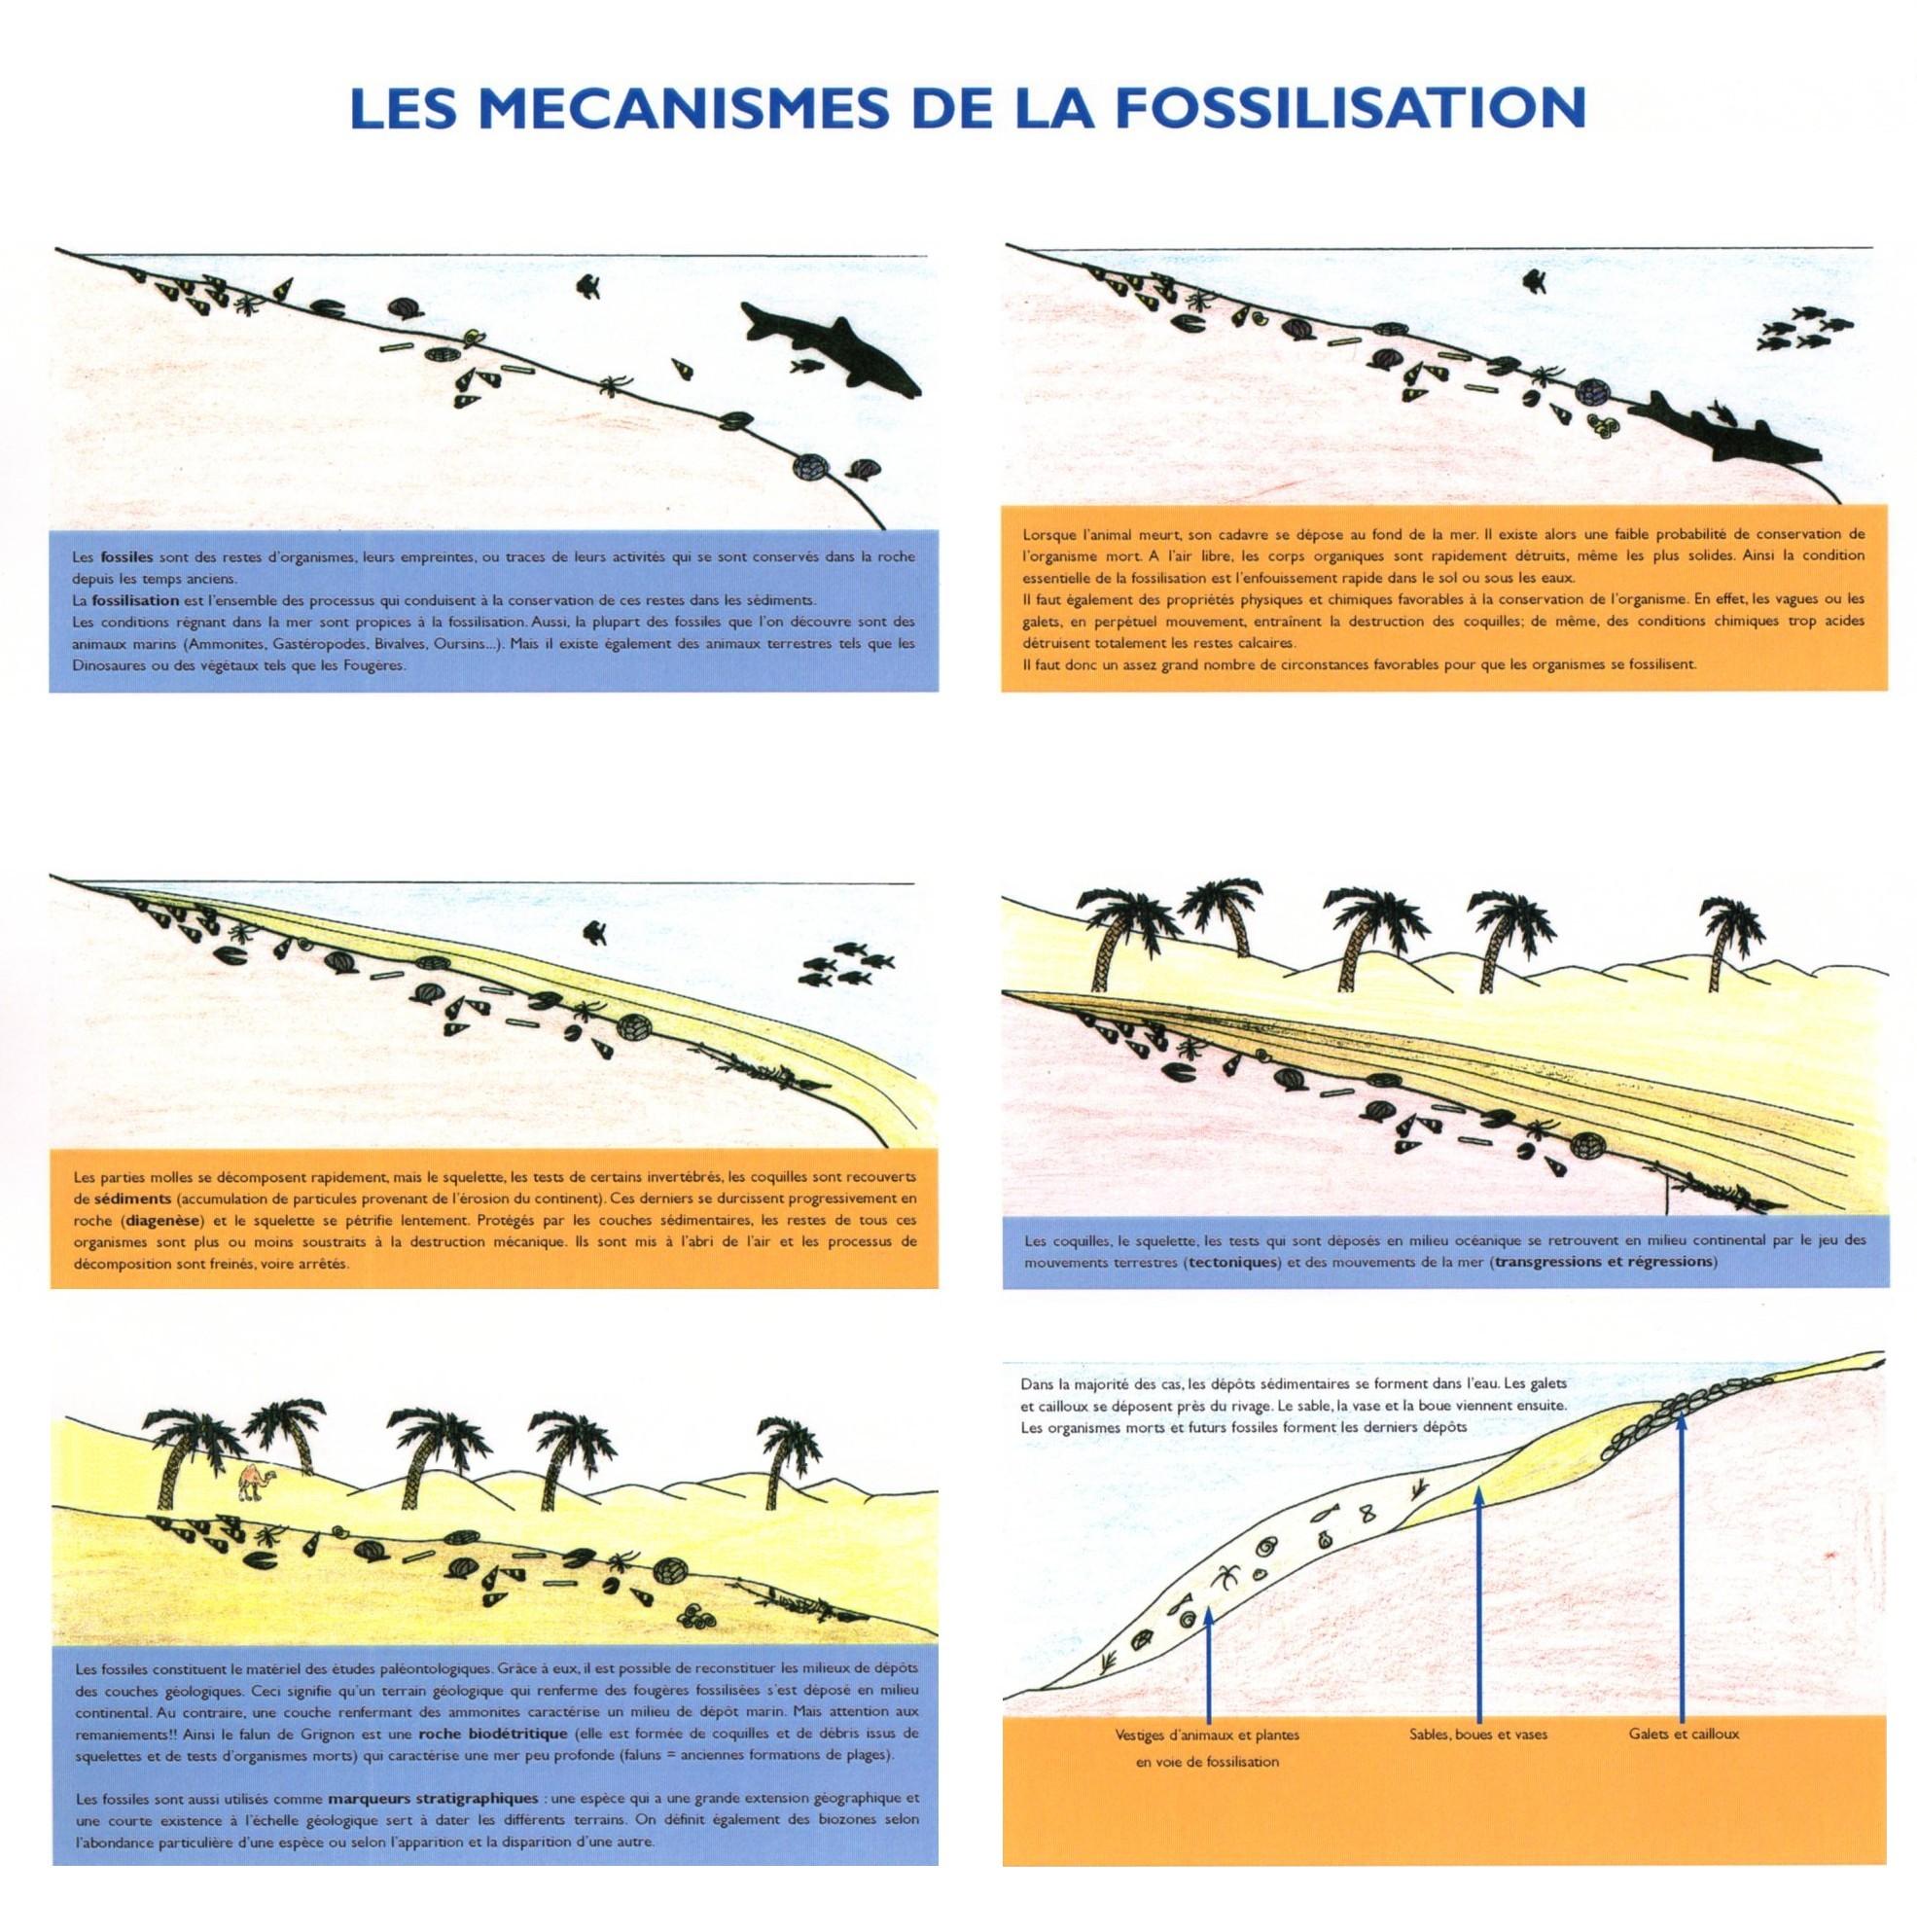 Les mécanismes de fossilisation